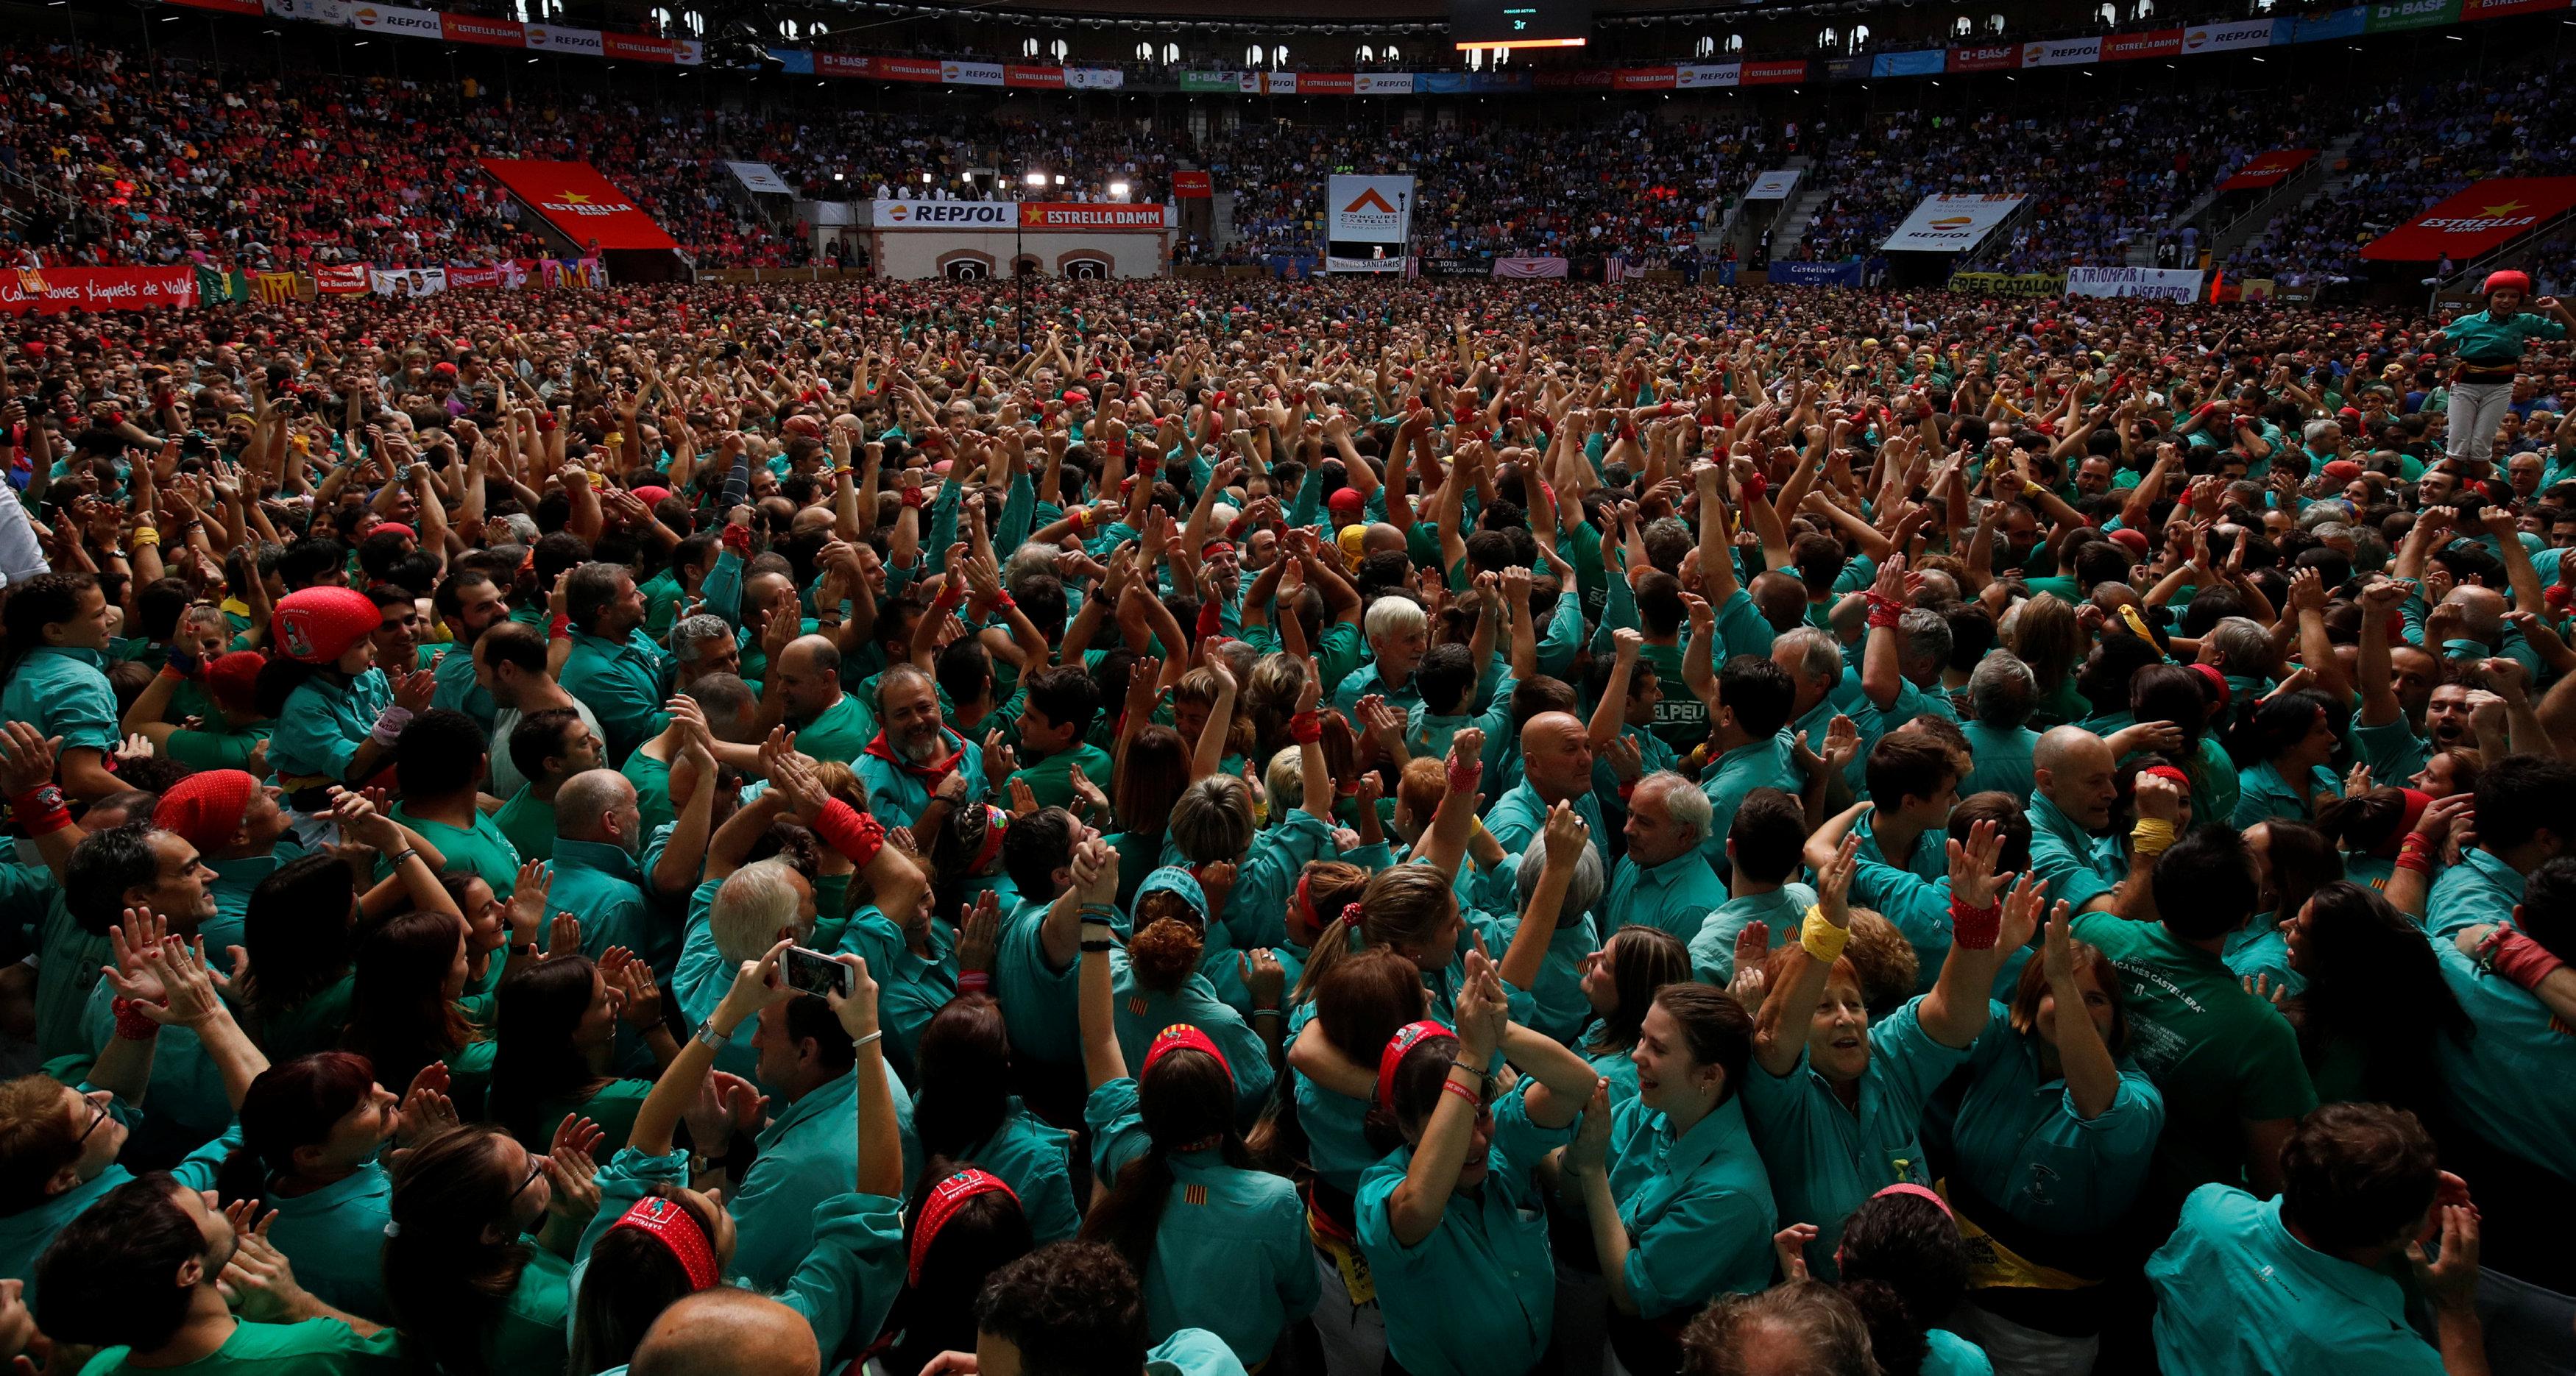 أعداد كبيرة من الأسبان يشاركون فى الحدث السنوى